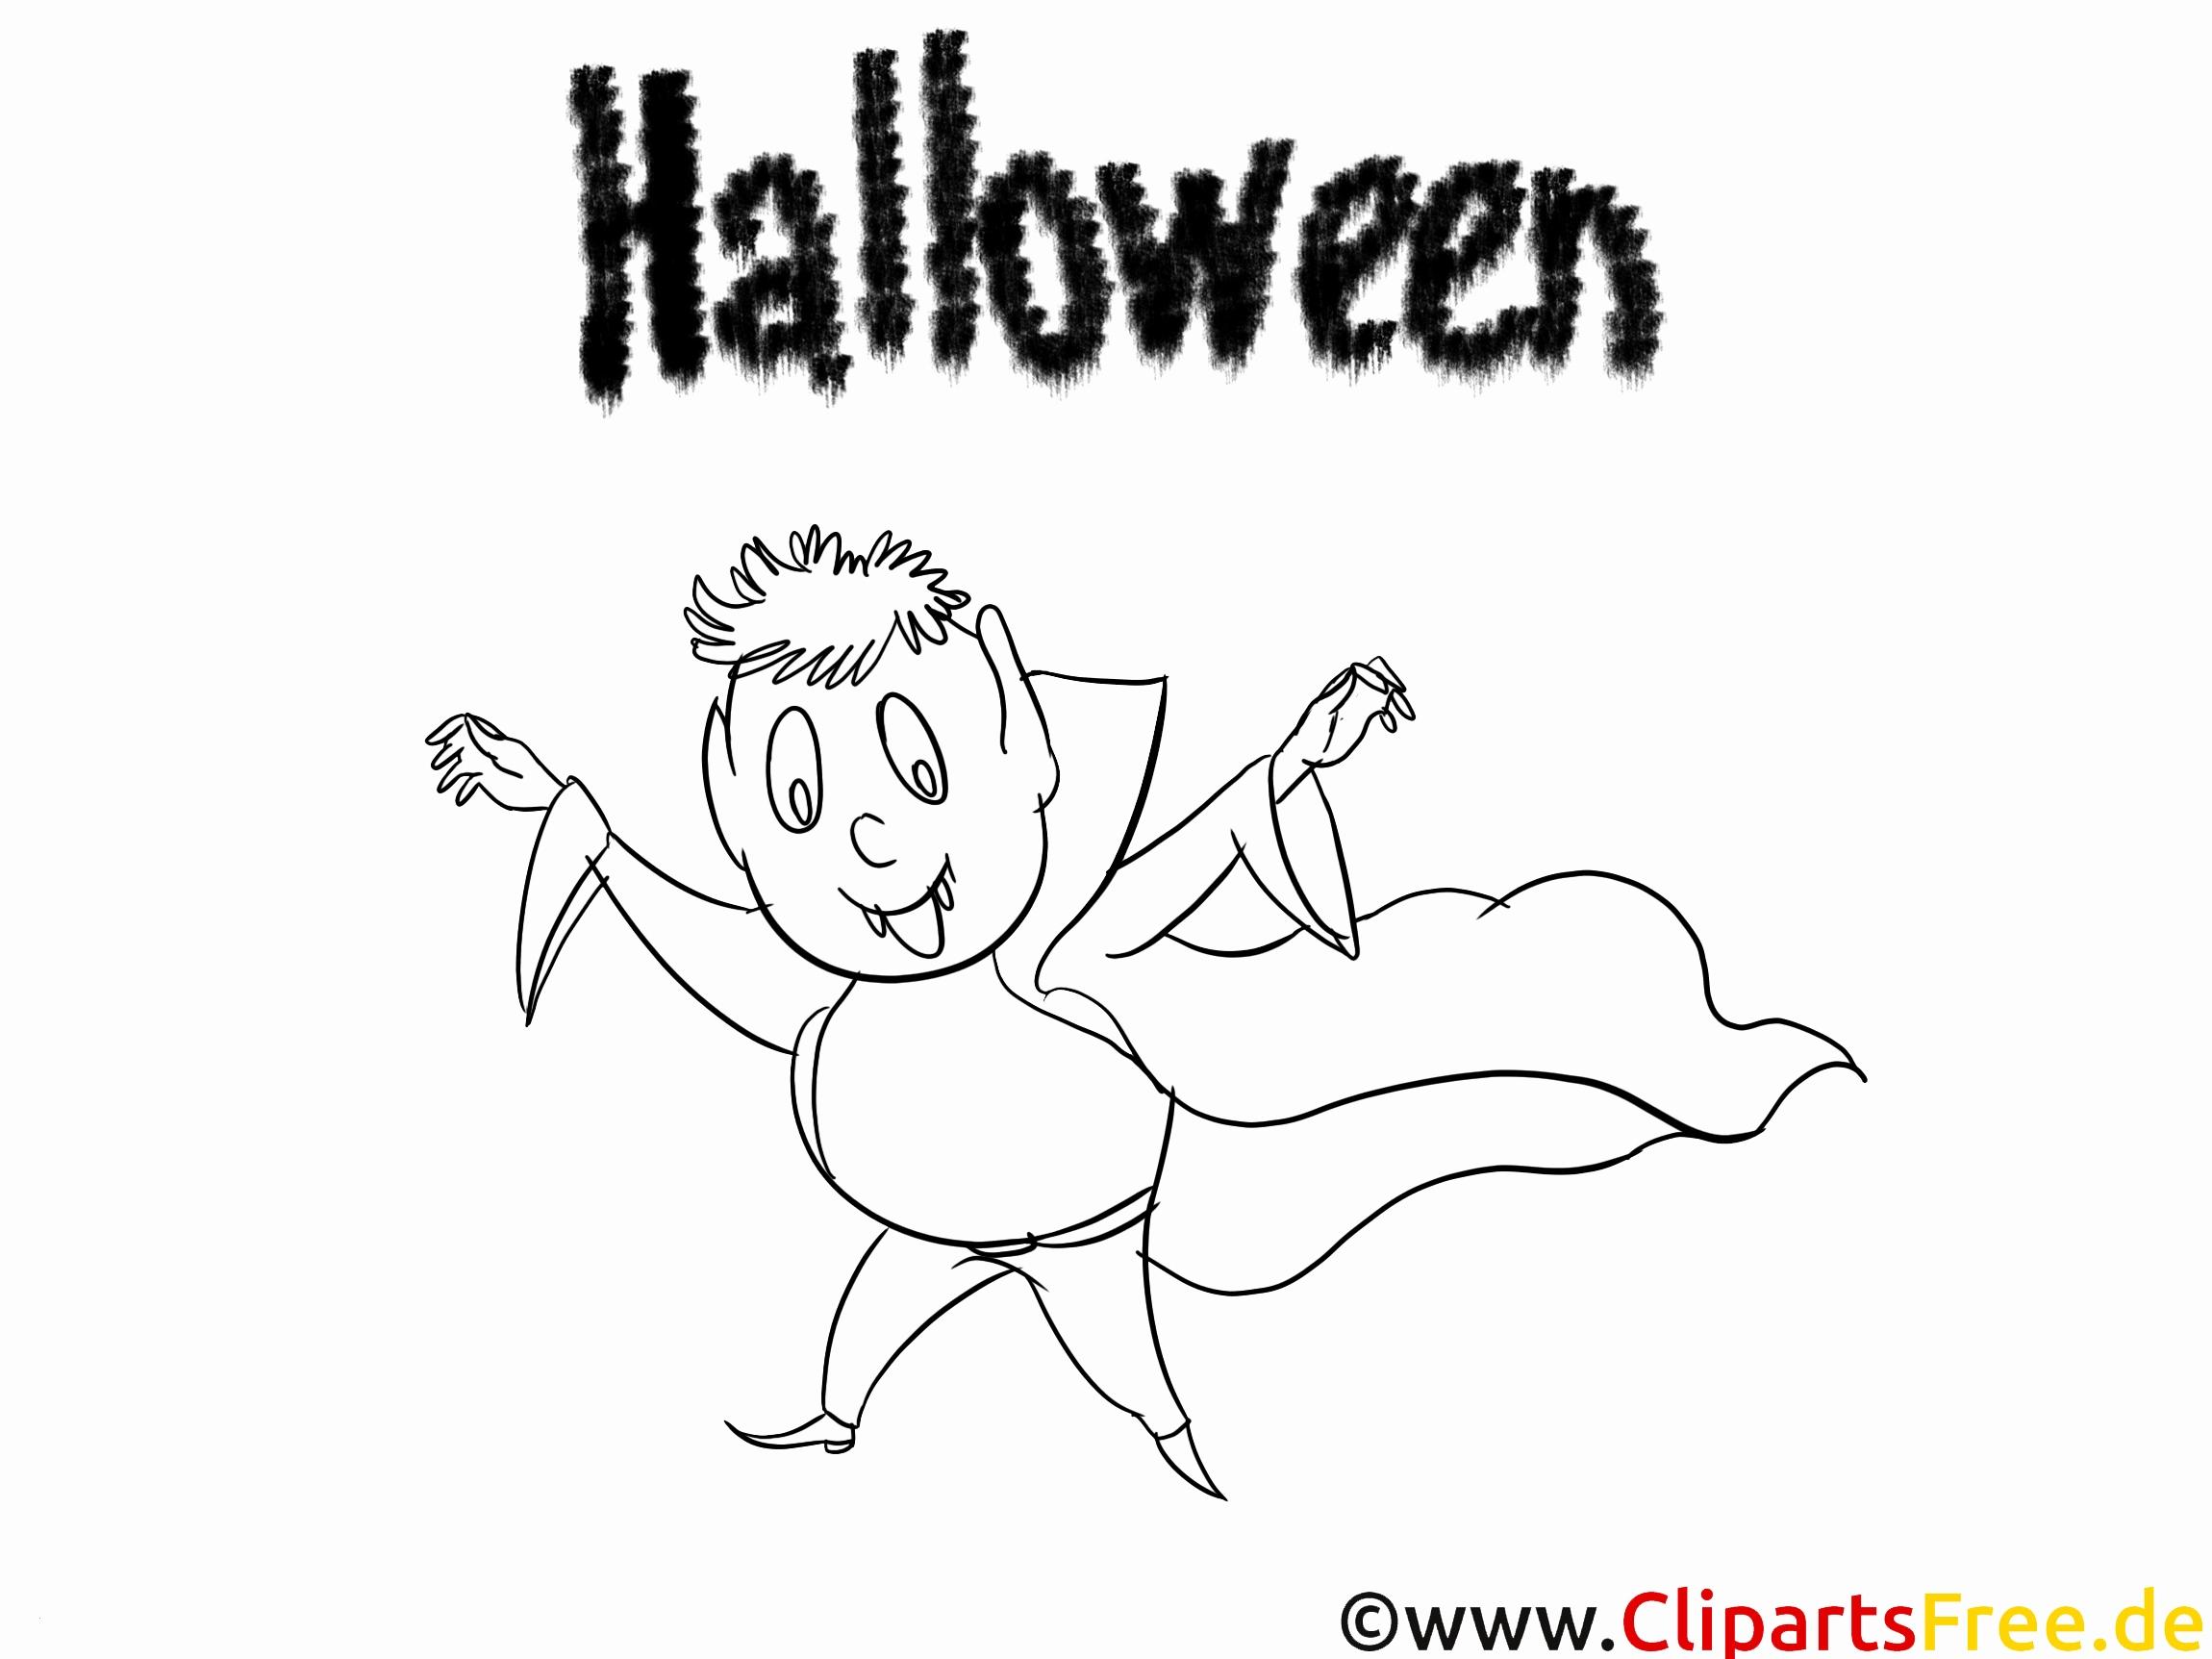 Malschablonen Zum Ausdrucken Genial Halloween Maske Basteln bestimmt für Malschablonen Zum Ausdrucken